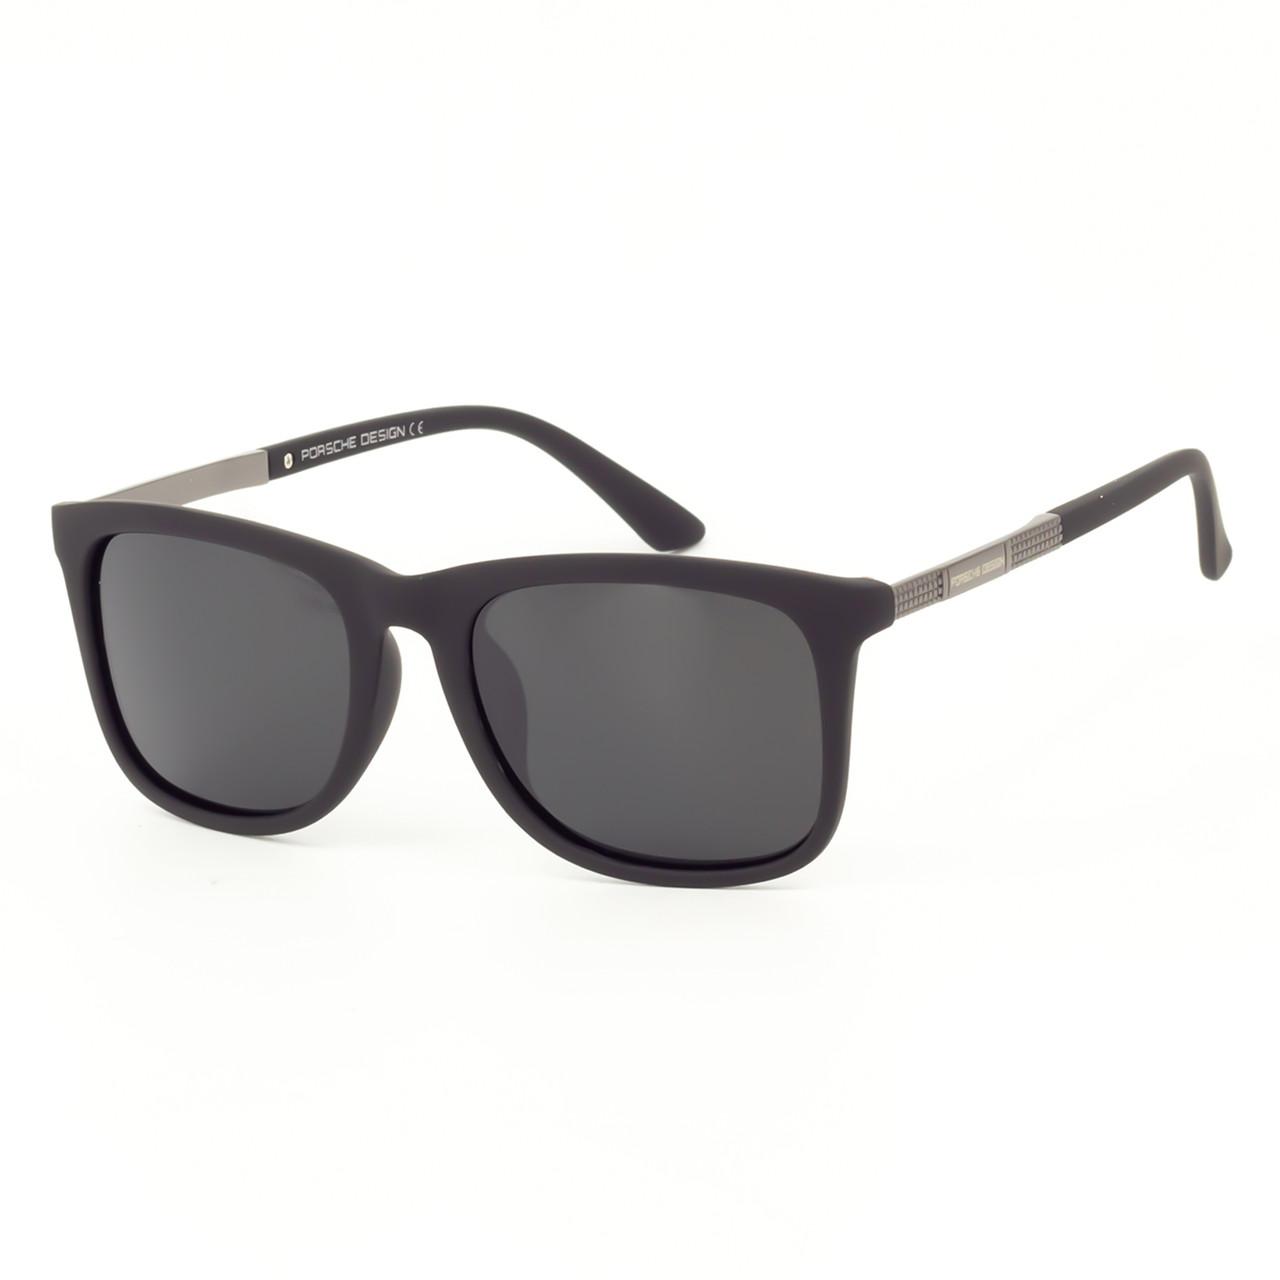 Солнцезащитные очки Porsche RP9005 C1 черные матовые    ( RP9005-01 )